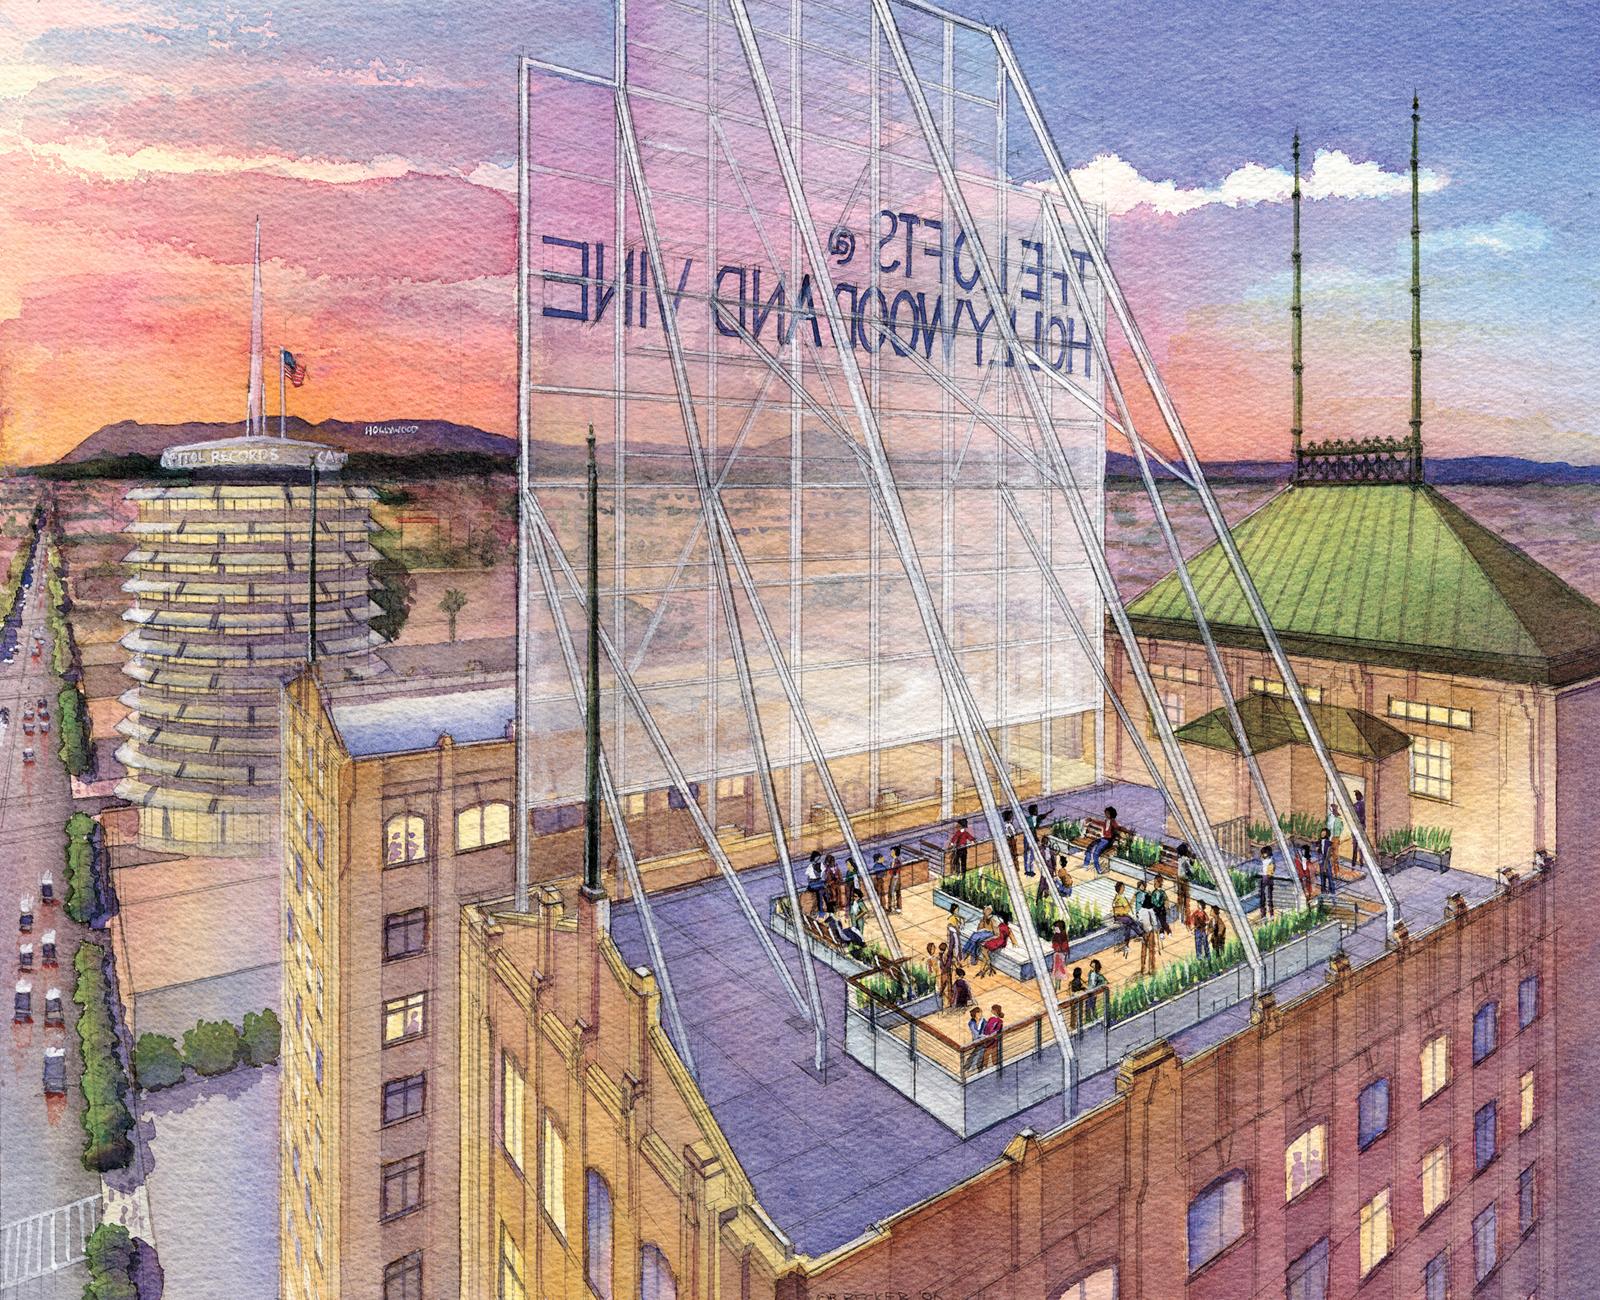 Hollywood & Vine Roof Deck watercolor rendering